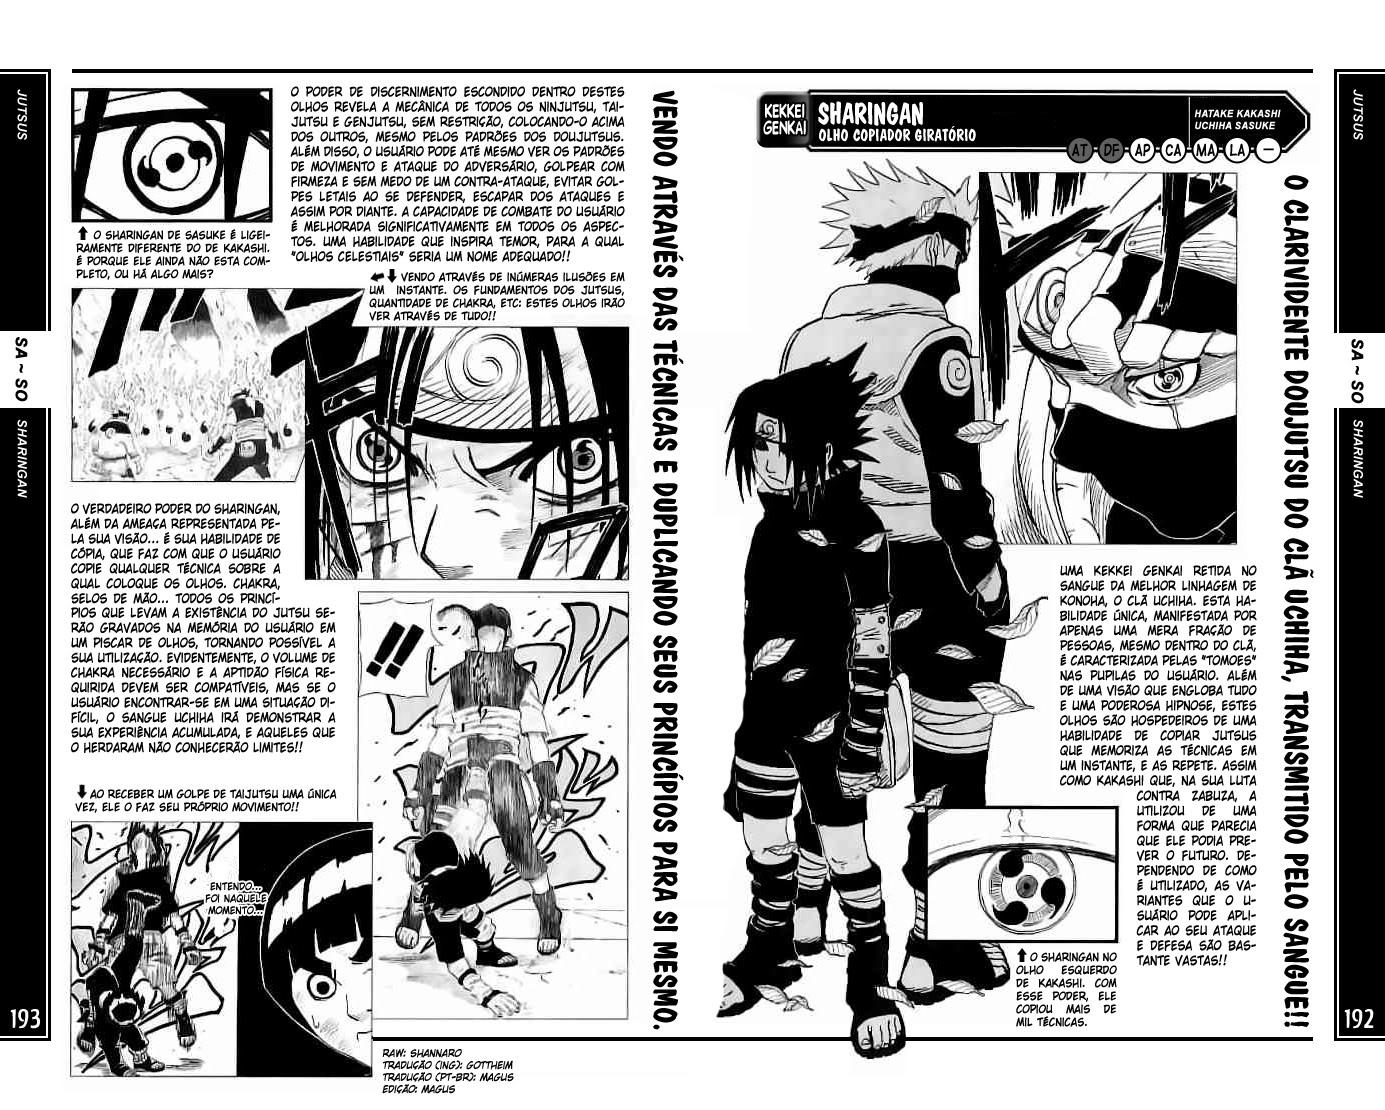 [Ficha Crazzy] Uchiha Itachi 192-193